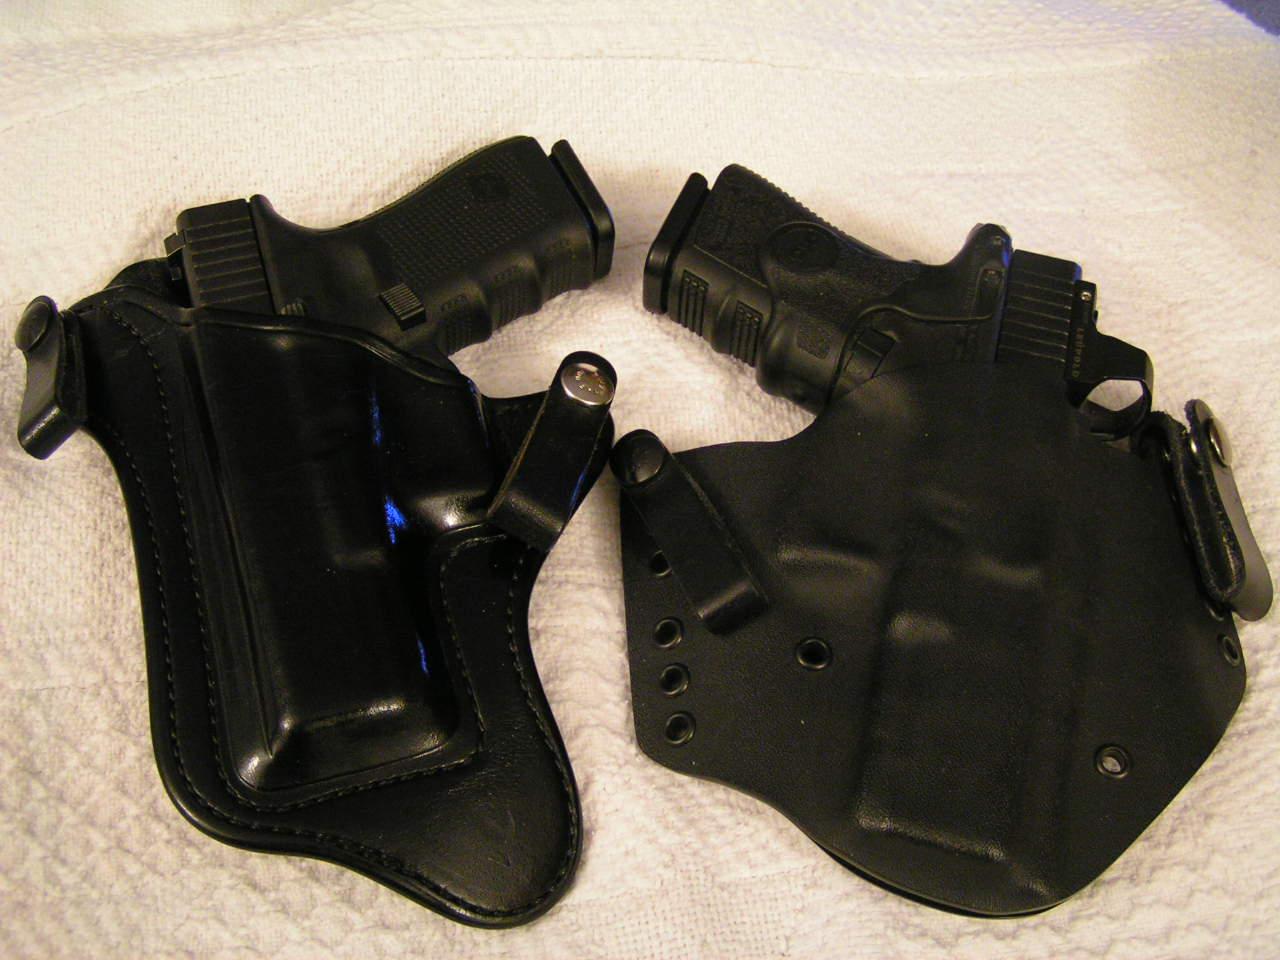 Glock 23 Gen 4. Always looking to learn-glocks-edc-007.jpg